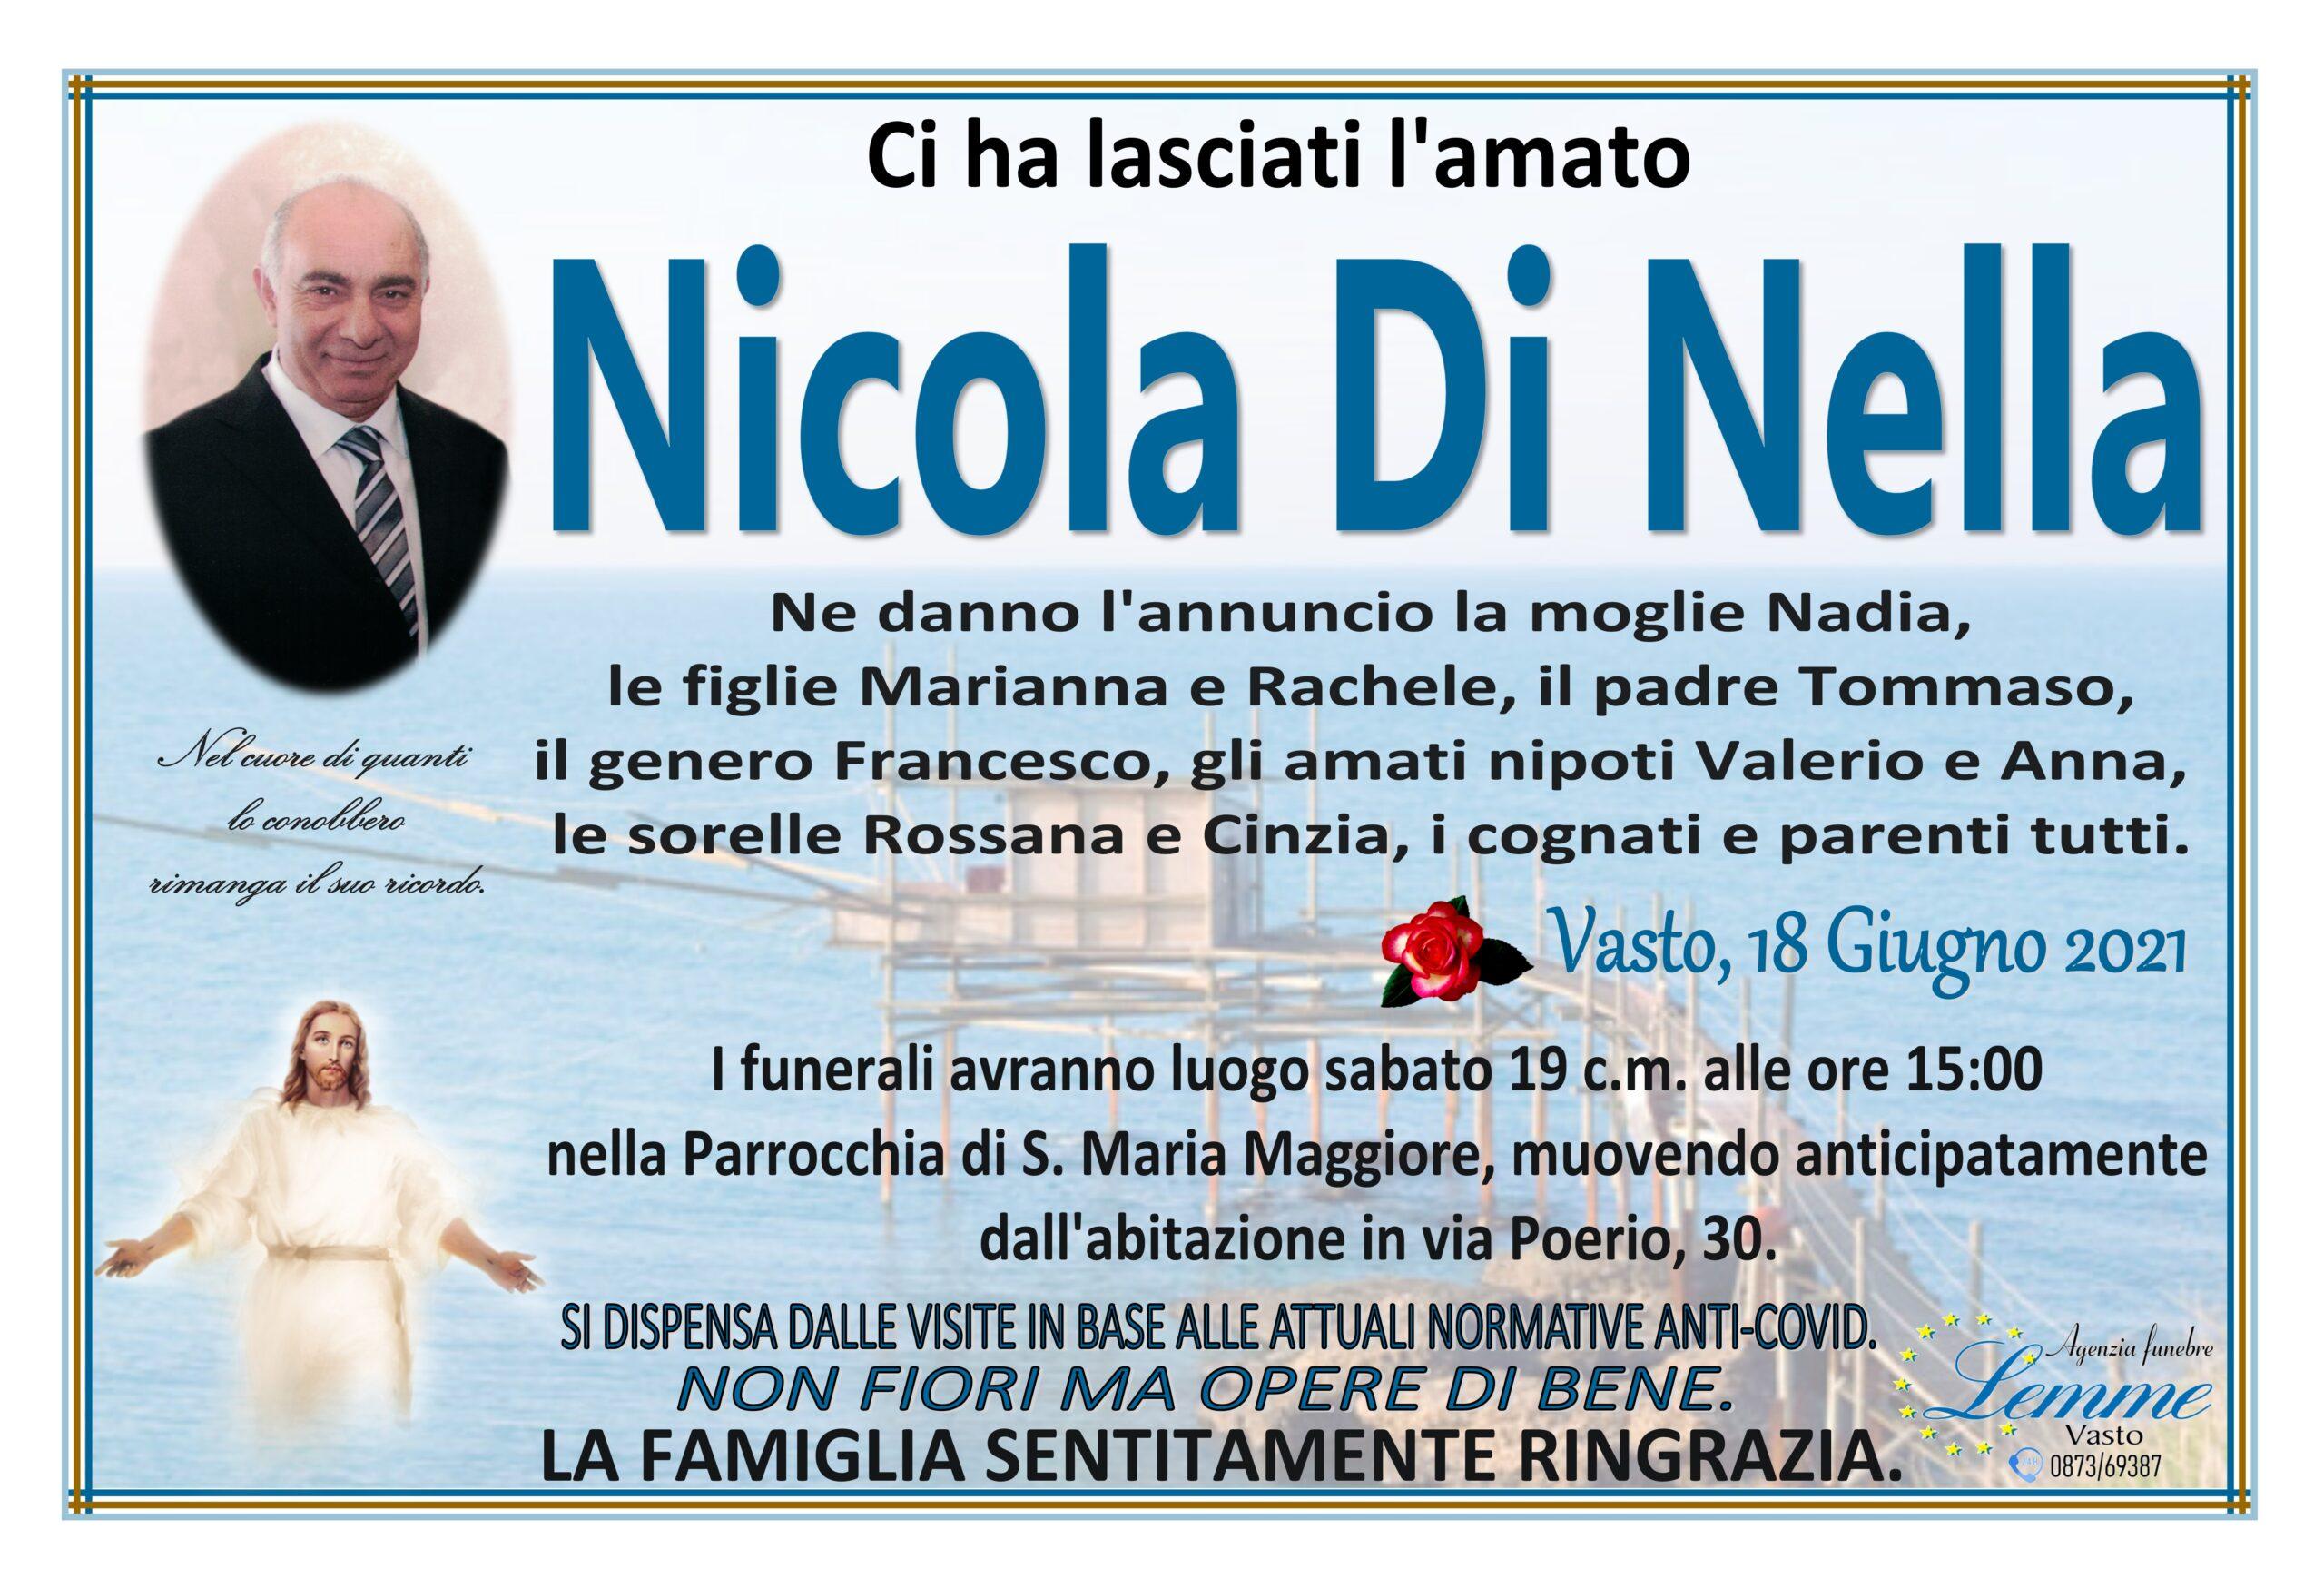 NICOLA DI NELLA